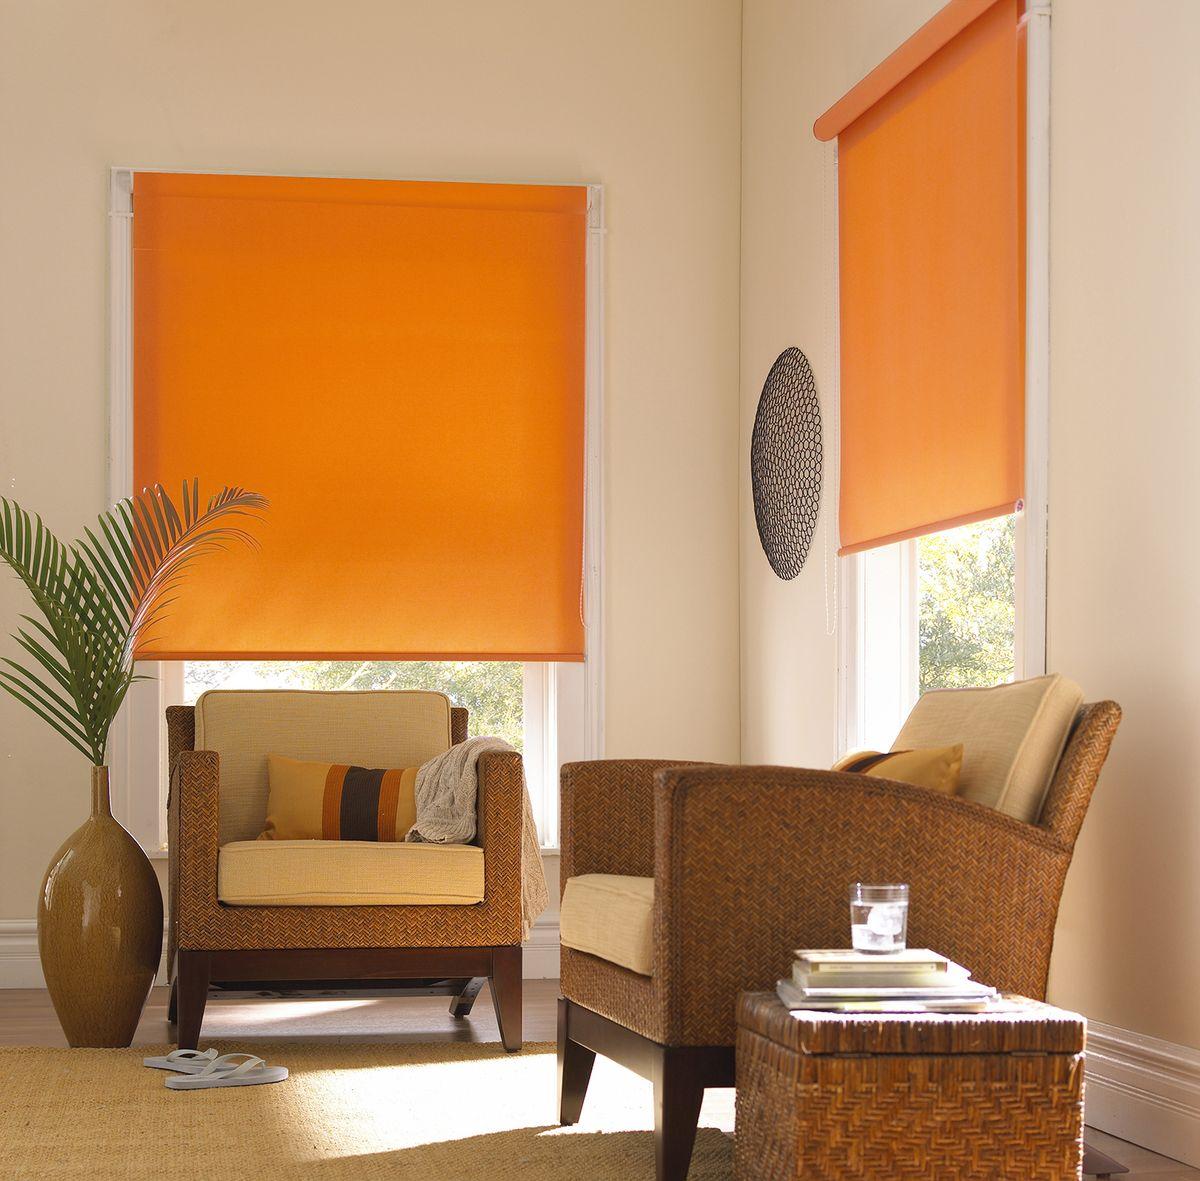 Штора рулонная Эскар Миниролло, цвет: апельсин, ширина 98 см, высота 170 см62.РШТО.8968.050х175Рулонная штора Эскар Миниролло выполнена из высокопрочной ткани, которая сохраняет свой размер даже при намокании. Ткань не выцветает и обладает отличной цветоустойчивостью.Миниролло - это подвид рулонных штор, который закрывает не весь оконный проем, а непосредственно само стекло. Такие шторы крепятся на раму без сверления при помощи зажимов или клейкой двухсторонней ленты (в комплекте). Окно остается на гарантии, благодаря монтажу без сверления. Такая штора станет прекрасным элементом декора окна и гармонично впишется в интерьер любого помещения.